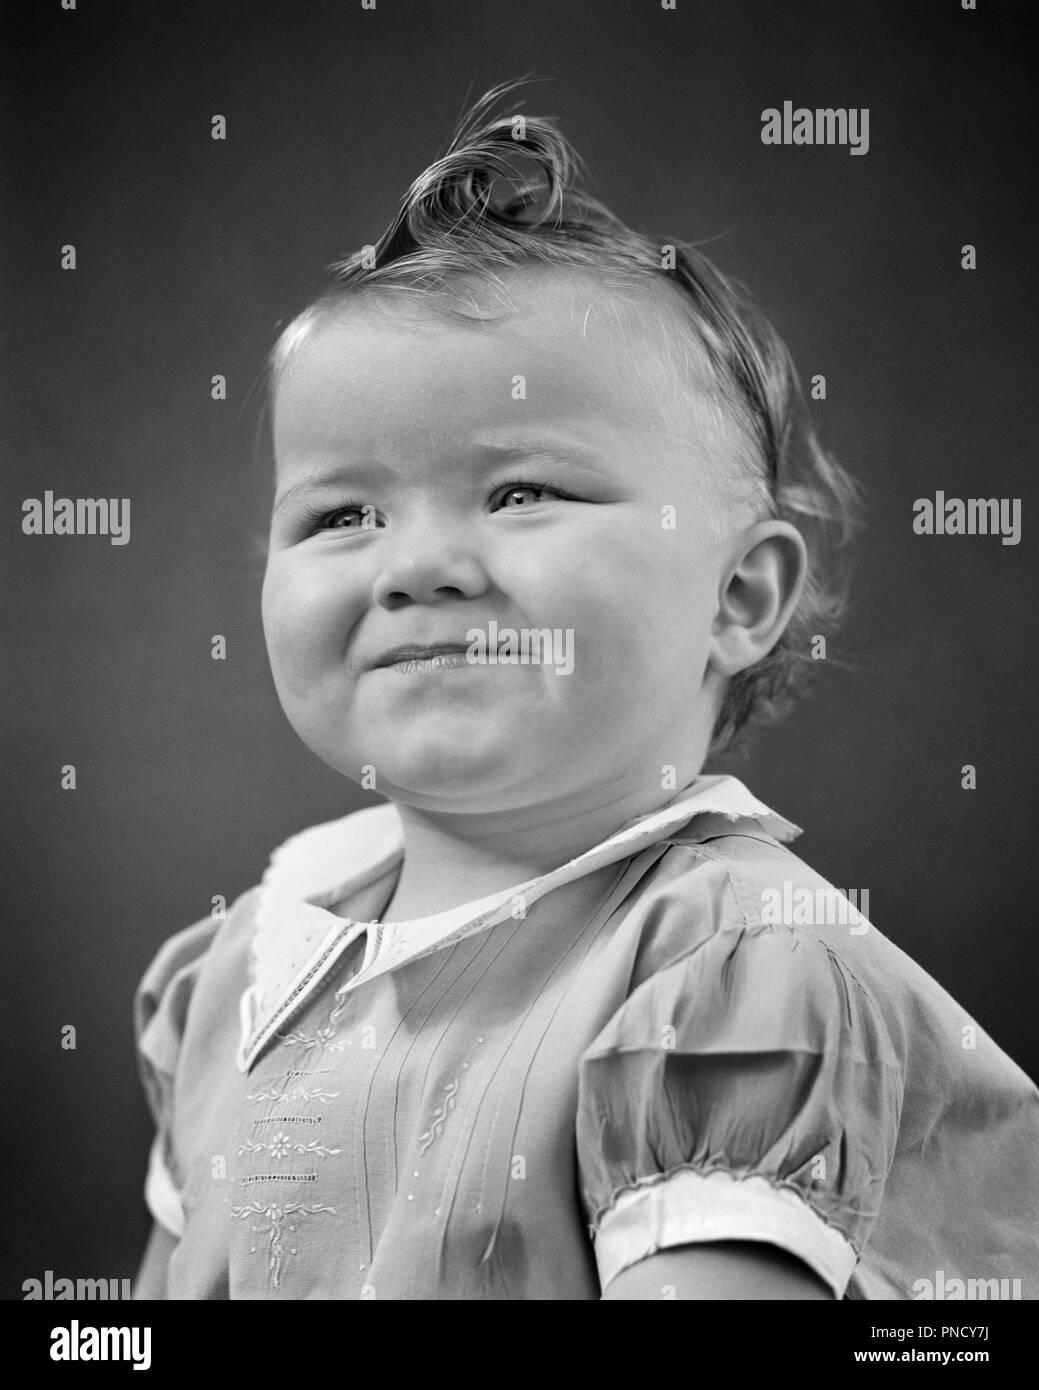 1940s ritratto bambina sorridente occhi squinty ricciolo sulla sommità della testa collare BIANCO E IL BRACCIALE DRESS - b17992 HAR001 HARS IN BIANCO E NERO di etnia caucasica HAR001 in vecchio stile Immagini Stock